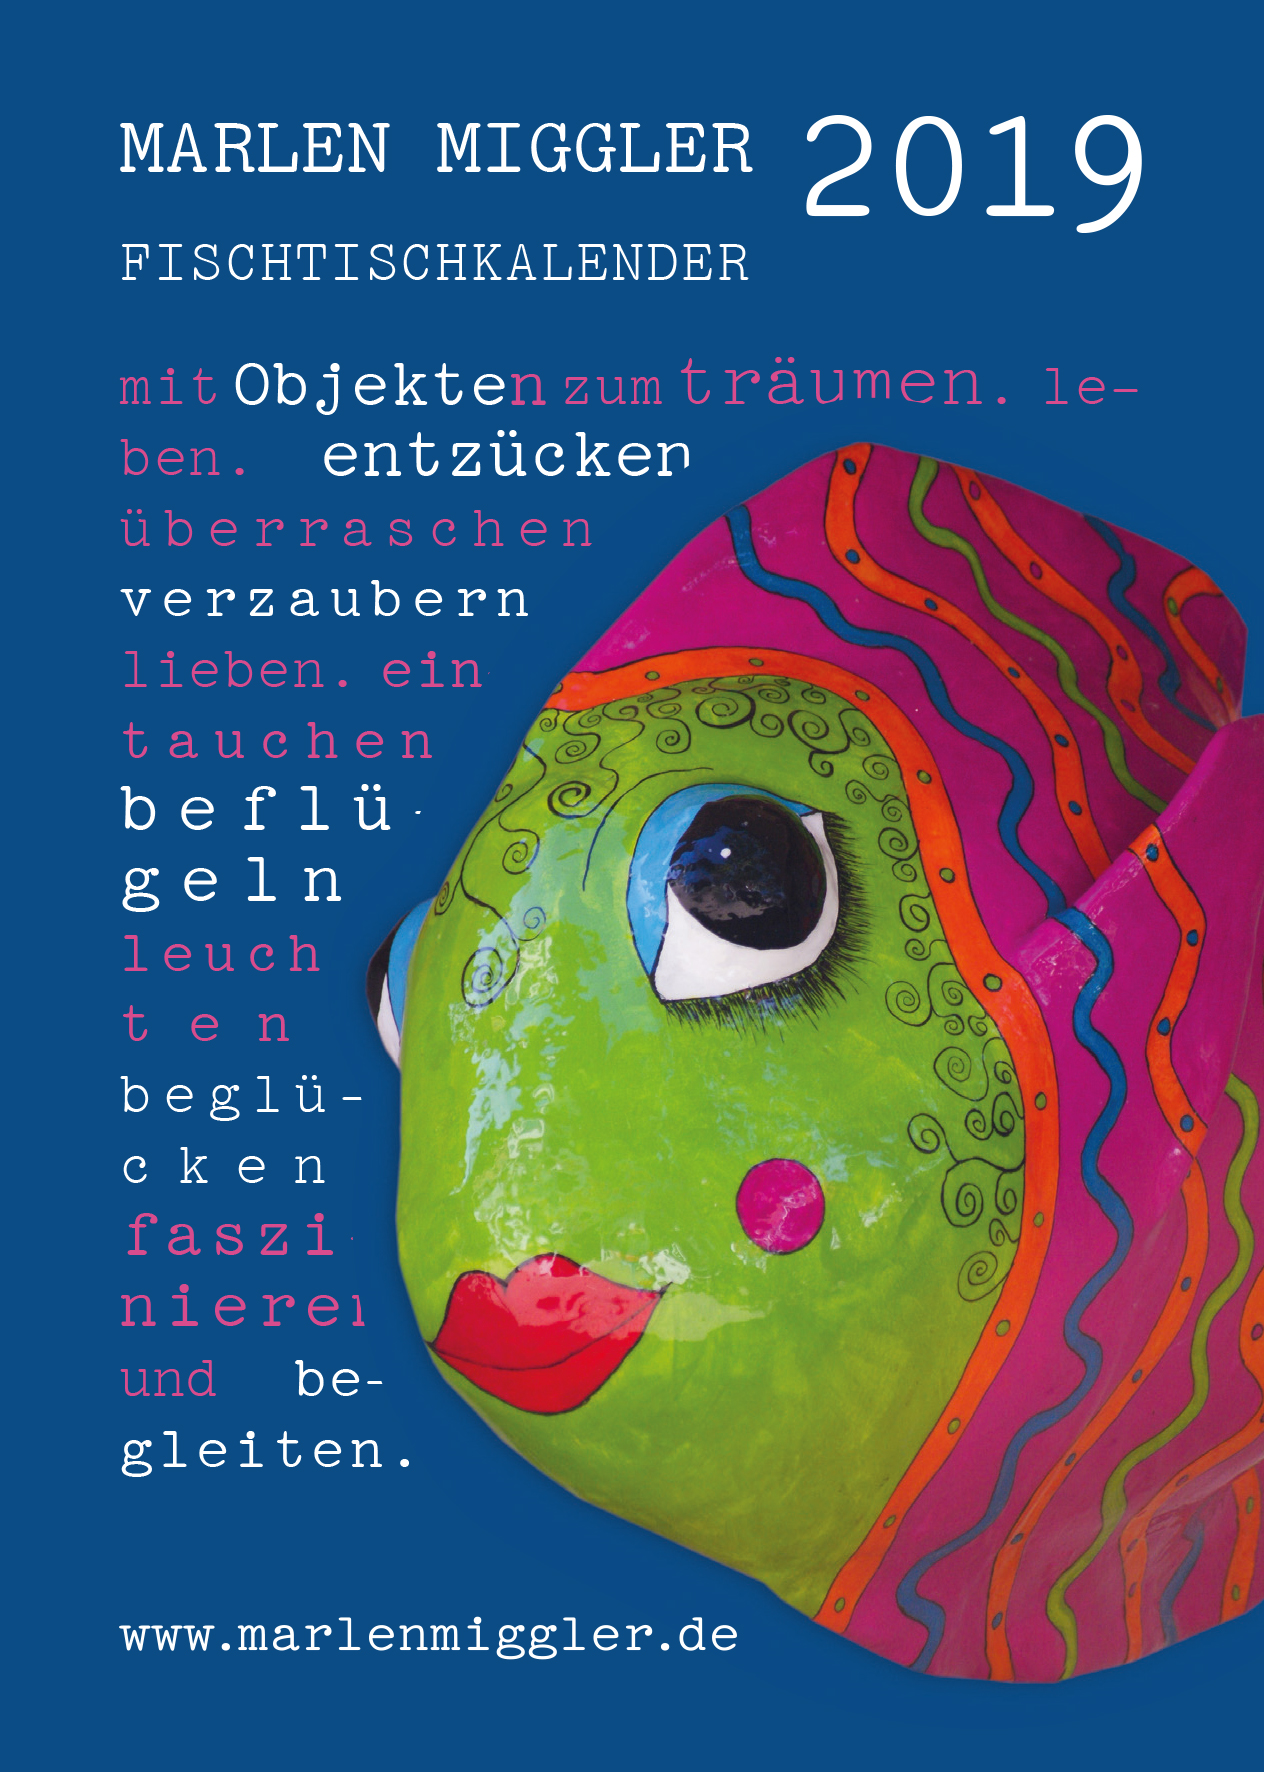 FISCHTISCHKALENDER 2017